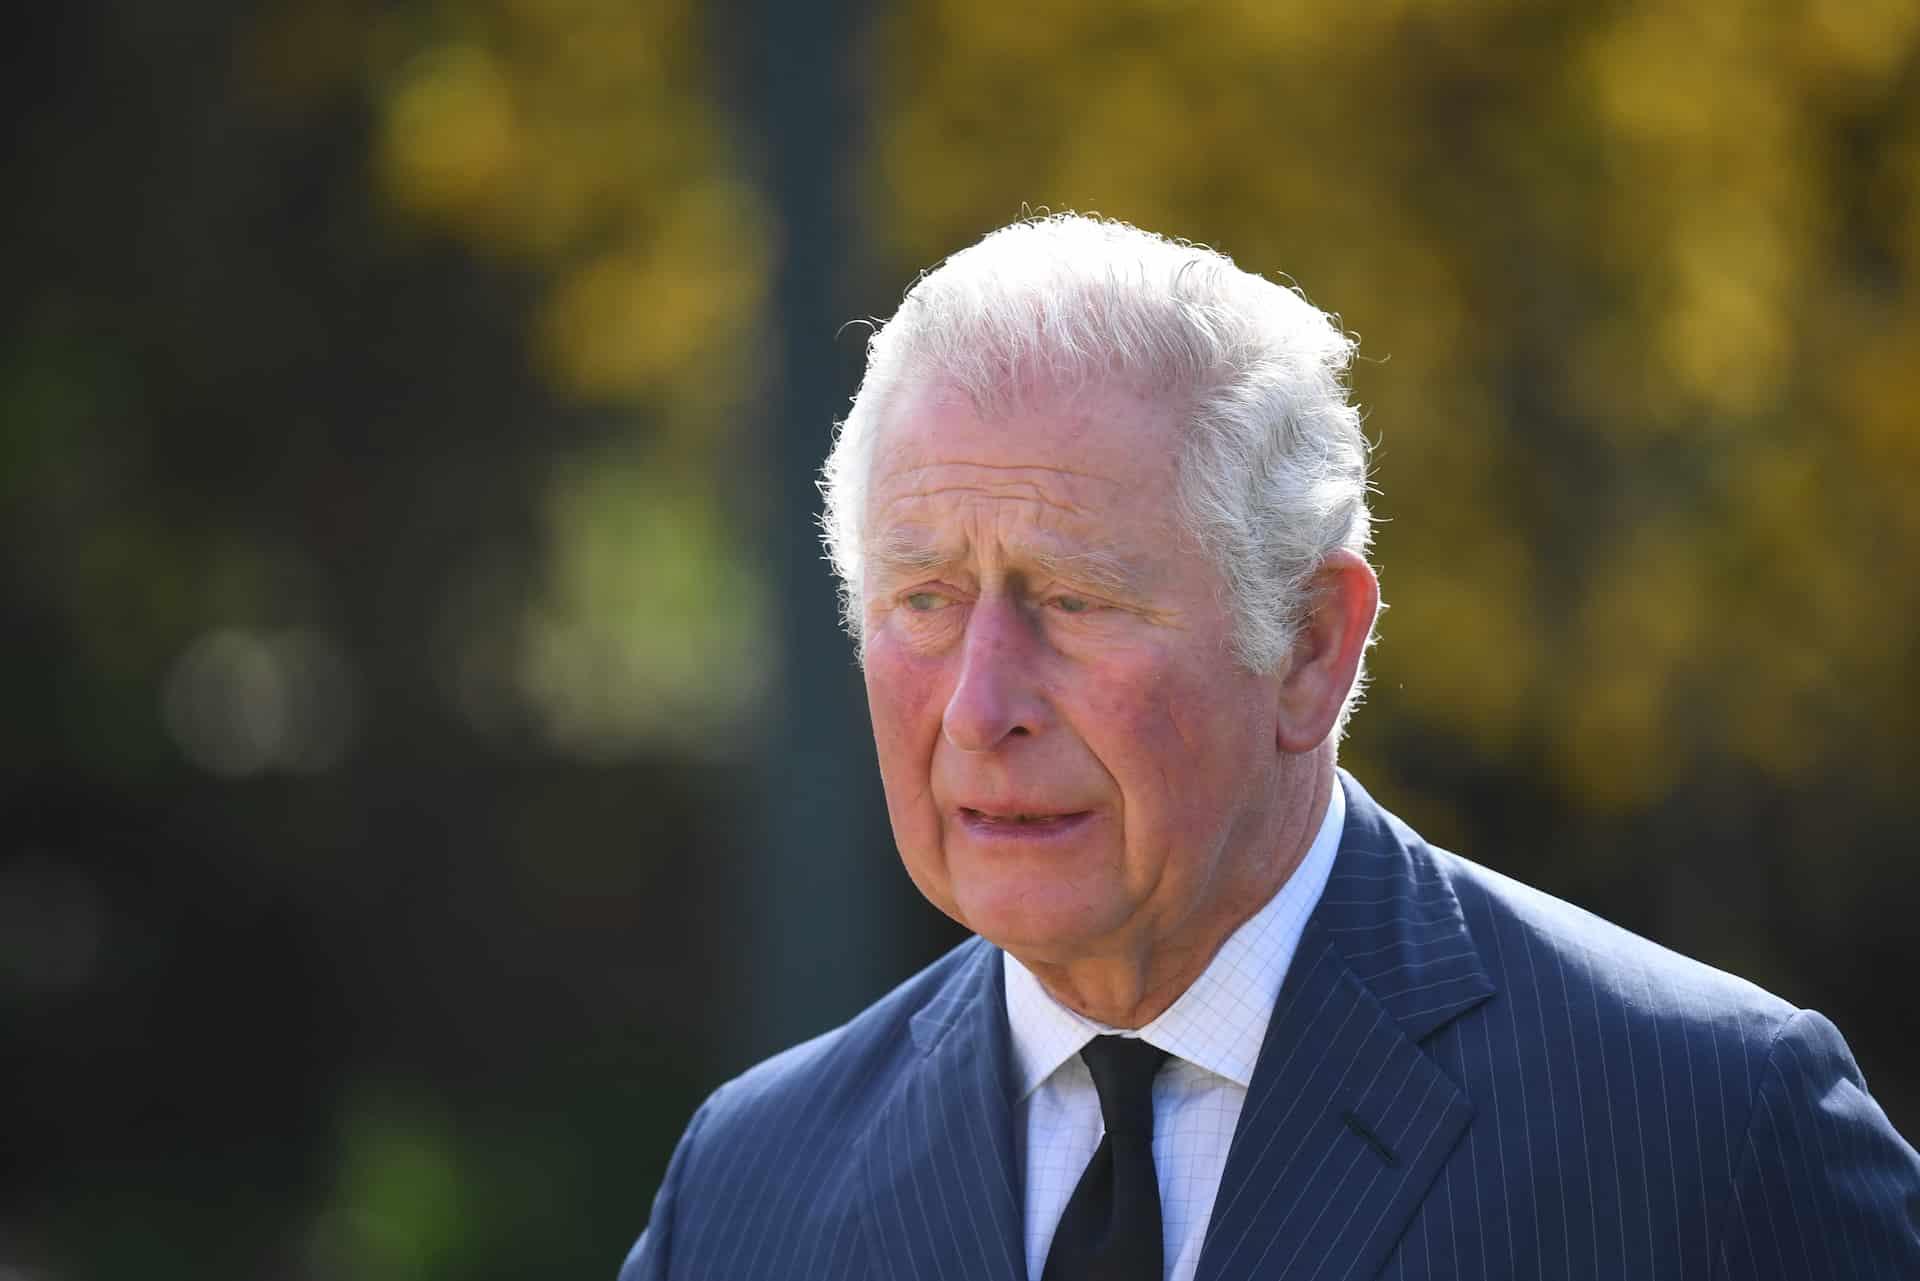 Prinz Charles ist in einen peinlichen Skandal verwickelt